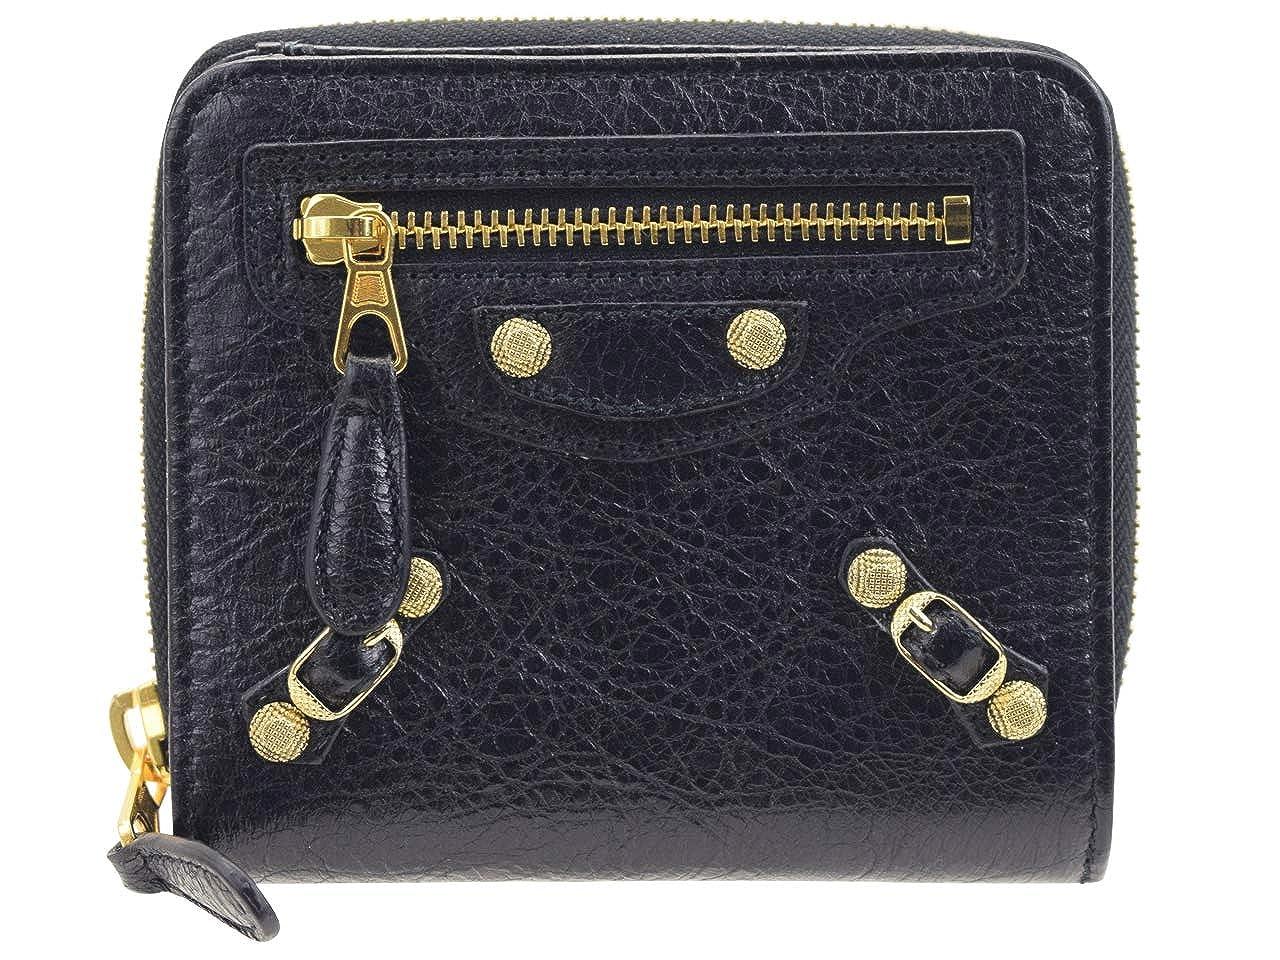 [バレンシアガ] BALENCIAGA 財布 折財布 二つ折り アウトレット 319158 [並行輸入品] B07Q716YNB